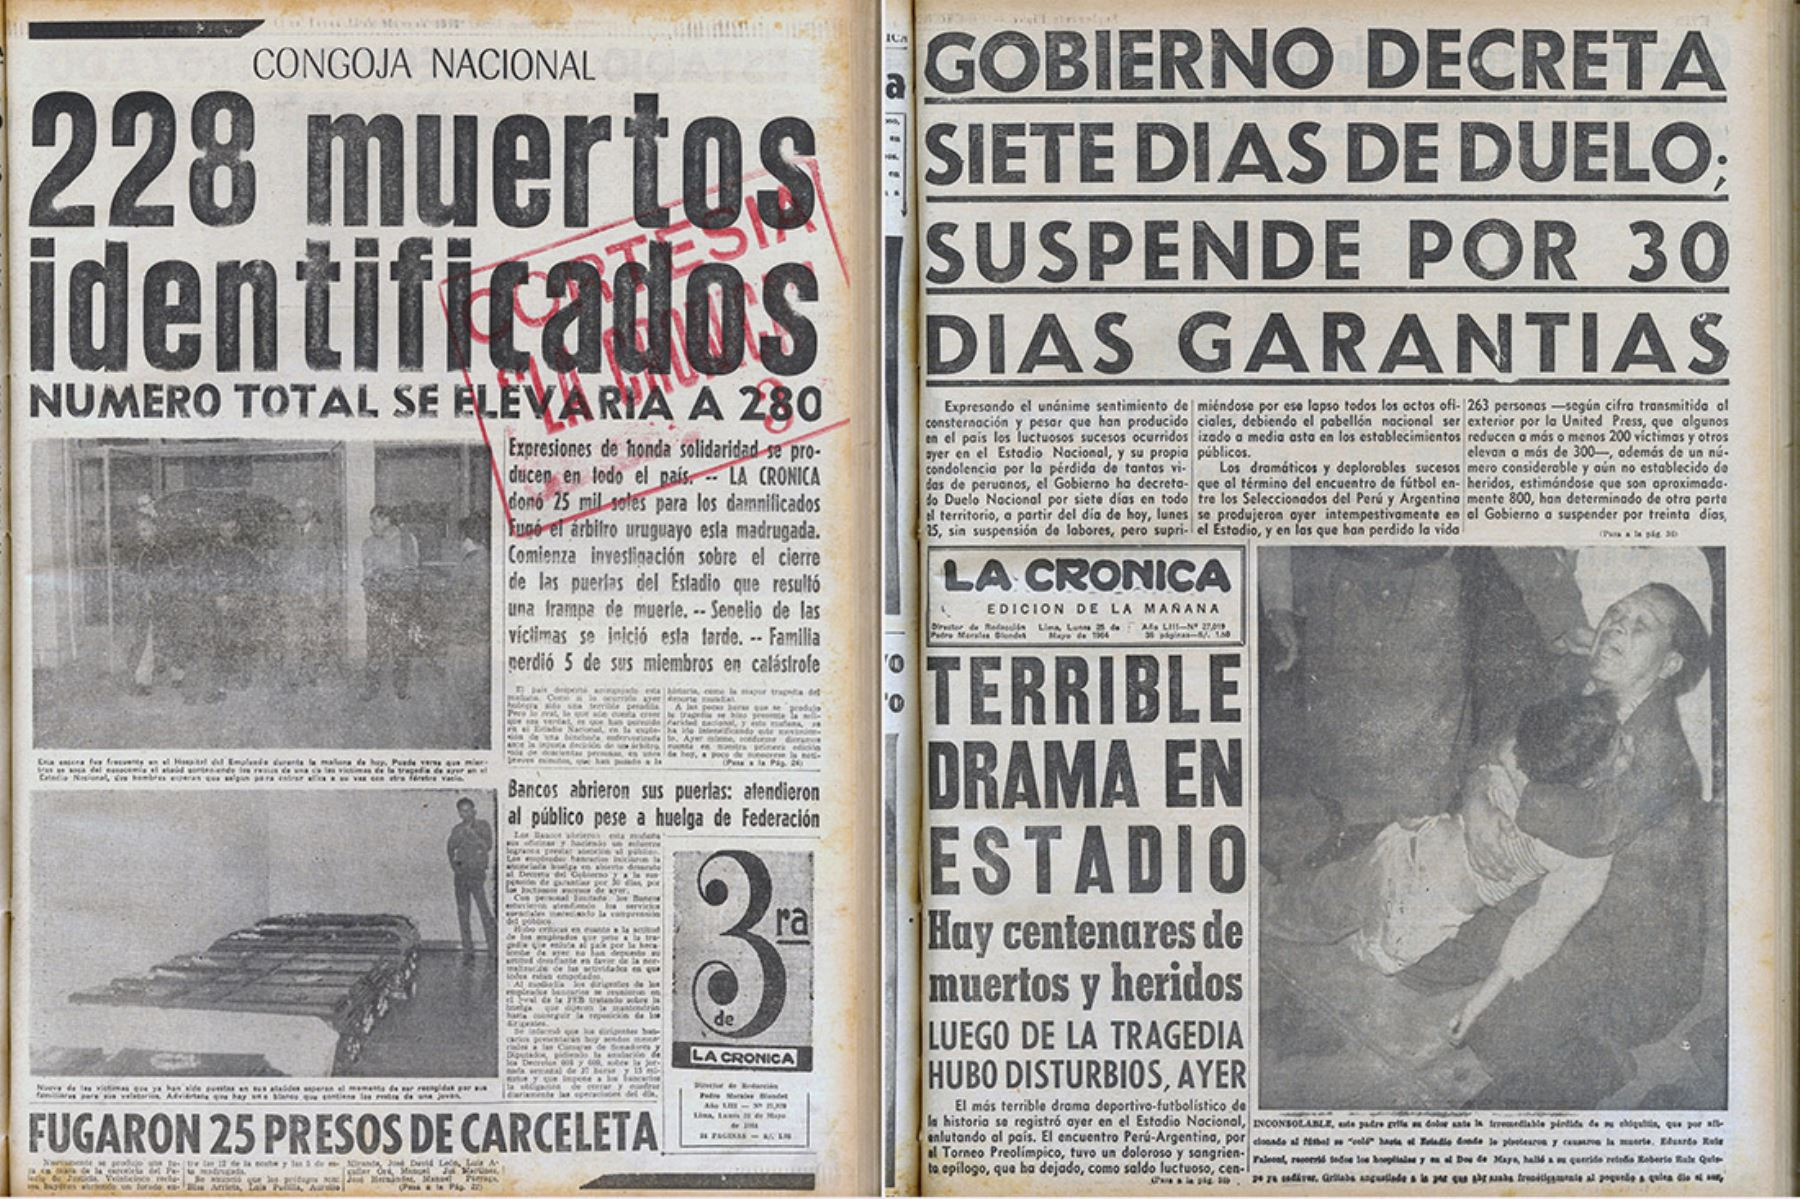 Portadas de los diarios La Tercera y La Crónica que informan sobre la tragedia del Estadio Nacional de mayo de 1964.